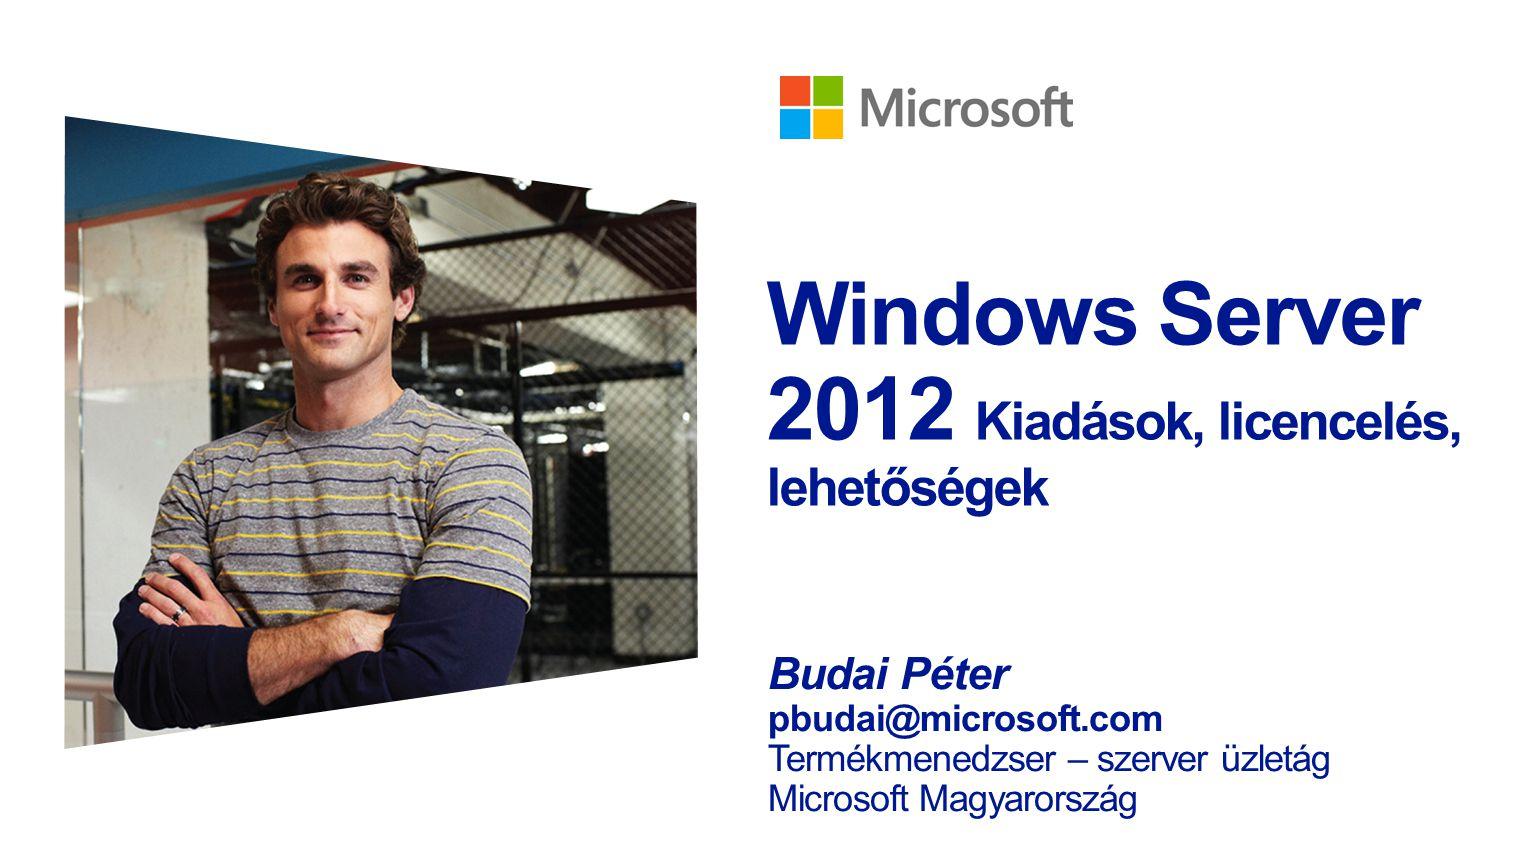 Windows Server 2012 Kiadások, licencelés, lehetőségek